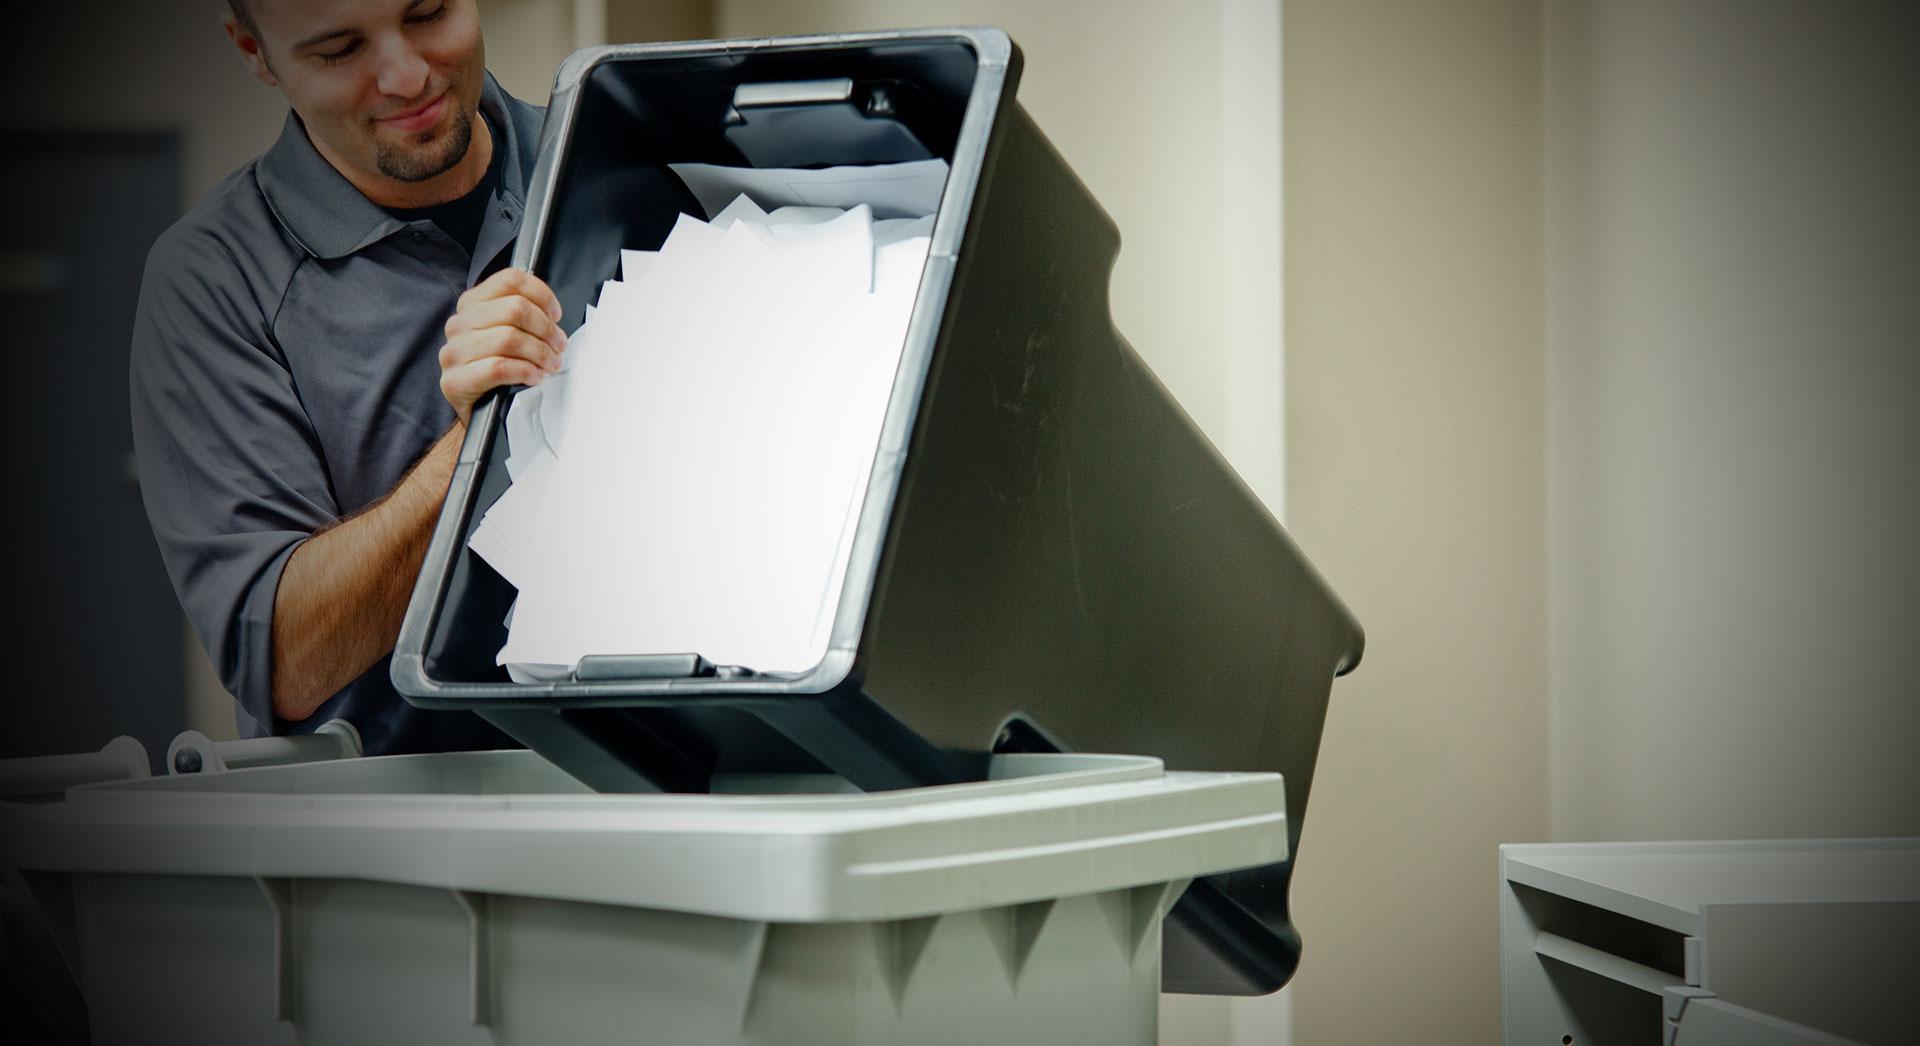 shredding-bing-rental